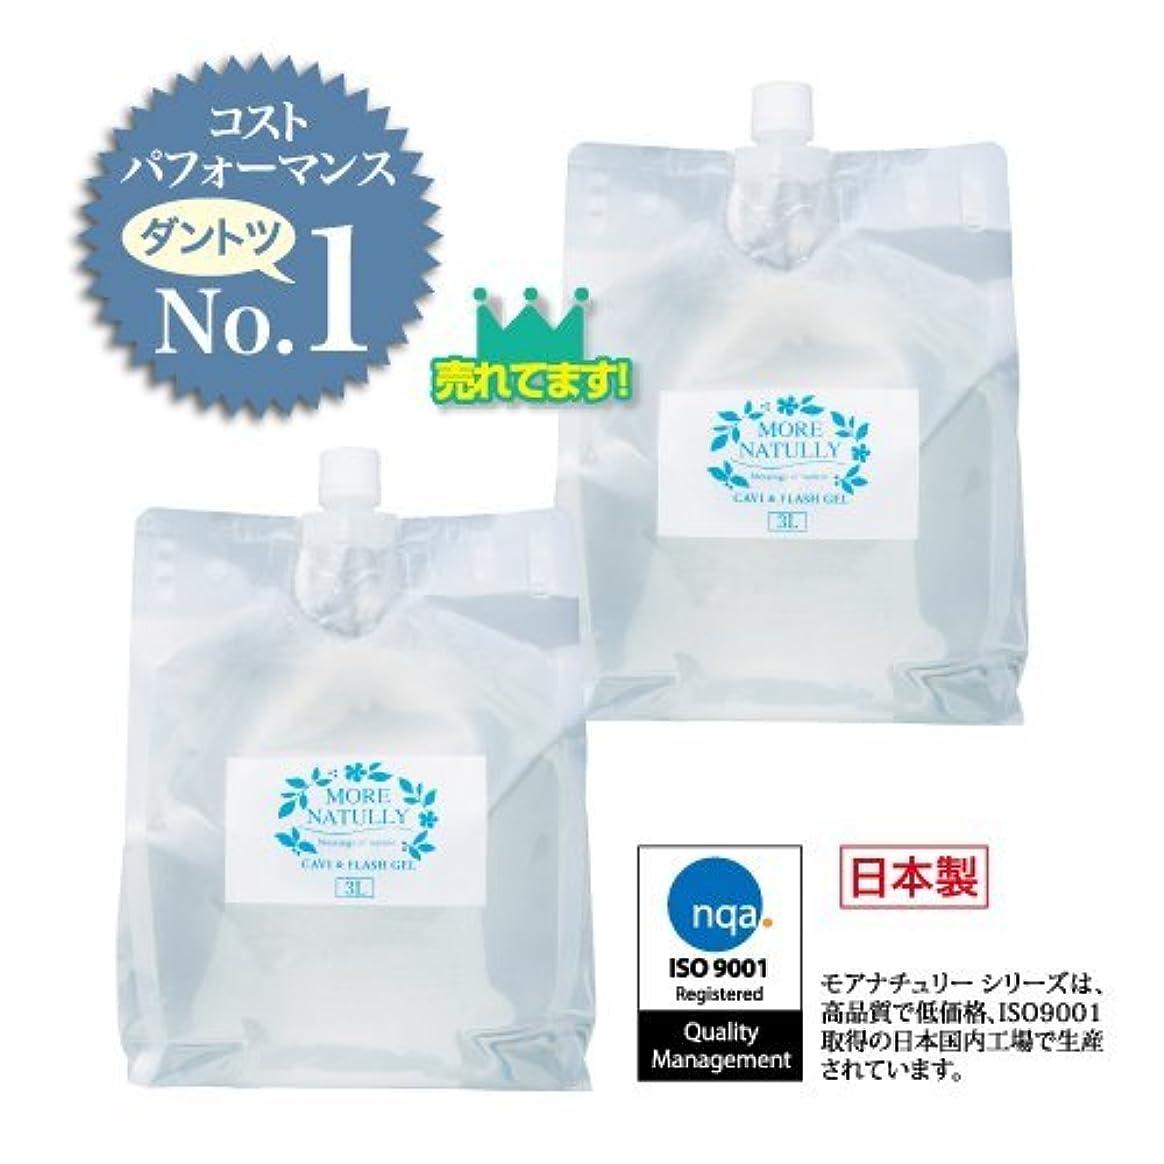 モアナチュリー キャビ&フラッシュジェル 【ソフト】3kg×2袋